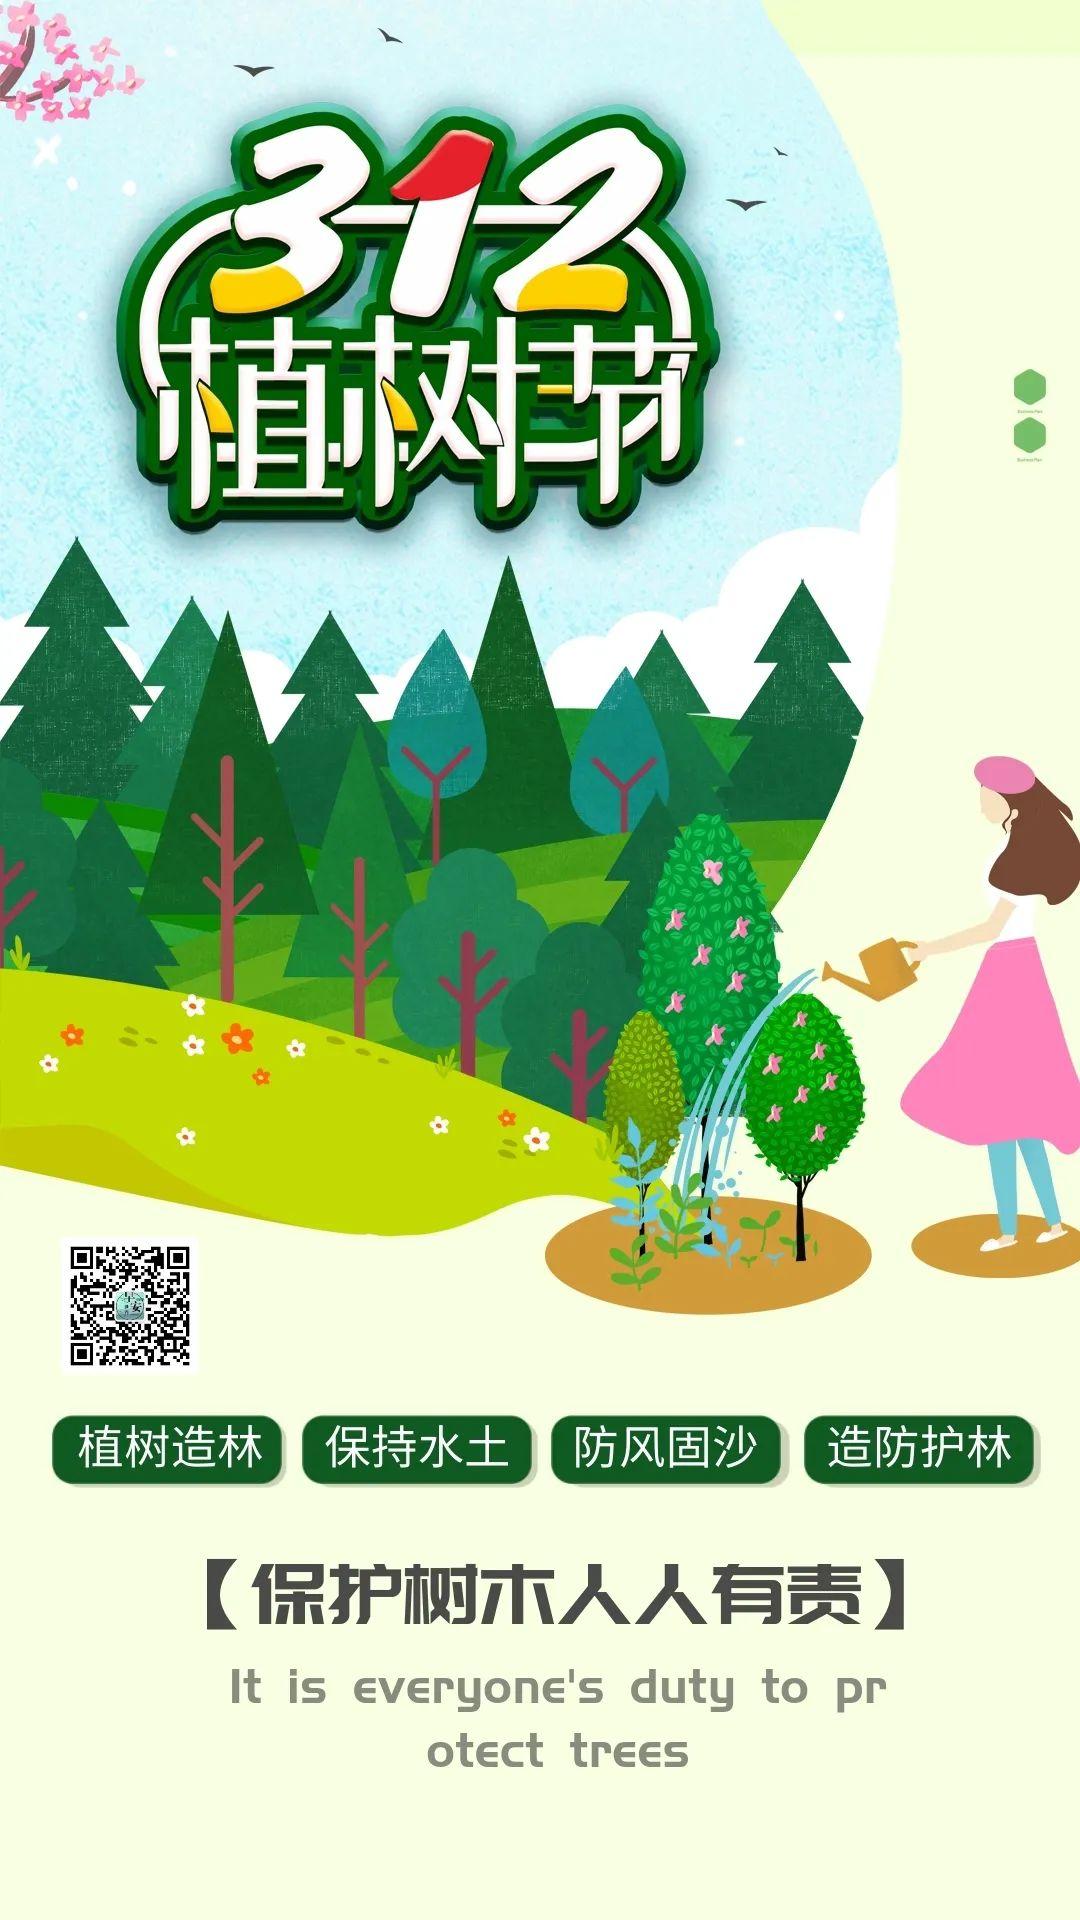 3月12日朋友圈植树节文案:大手拉小手,同栽一片绿!插图1